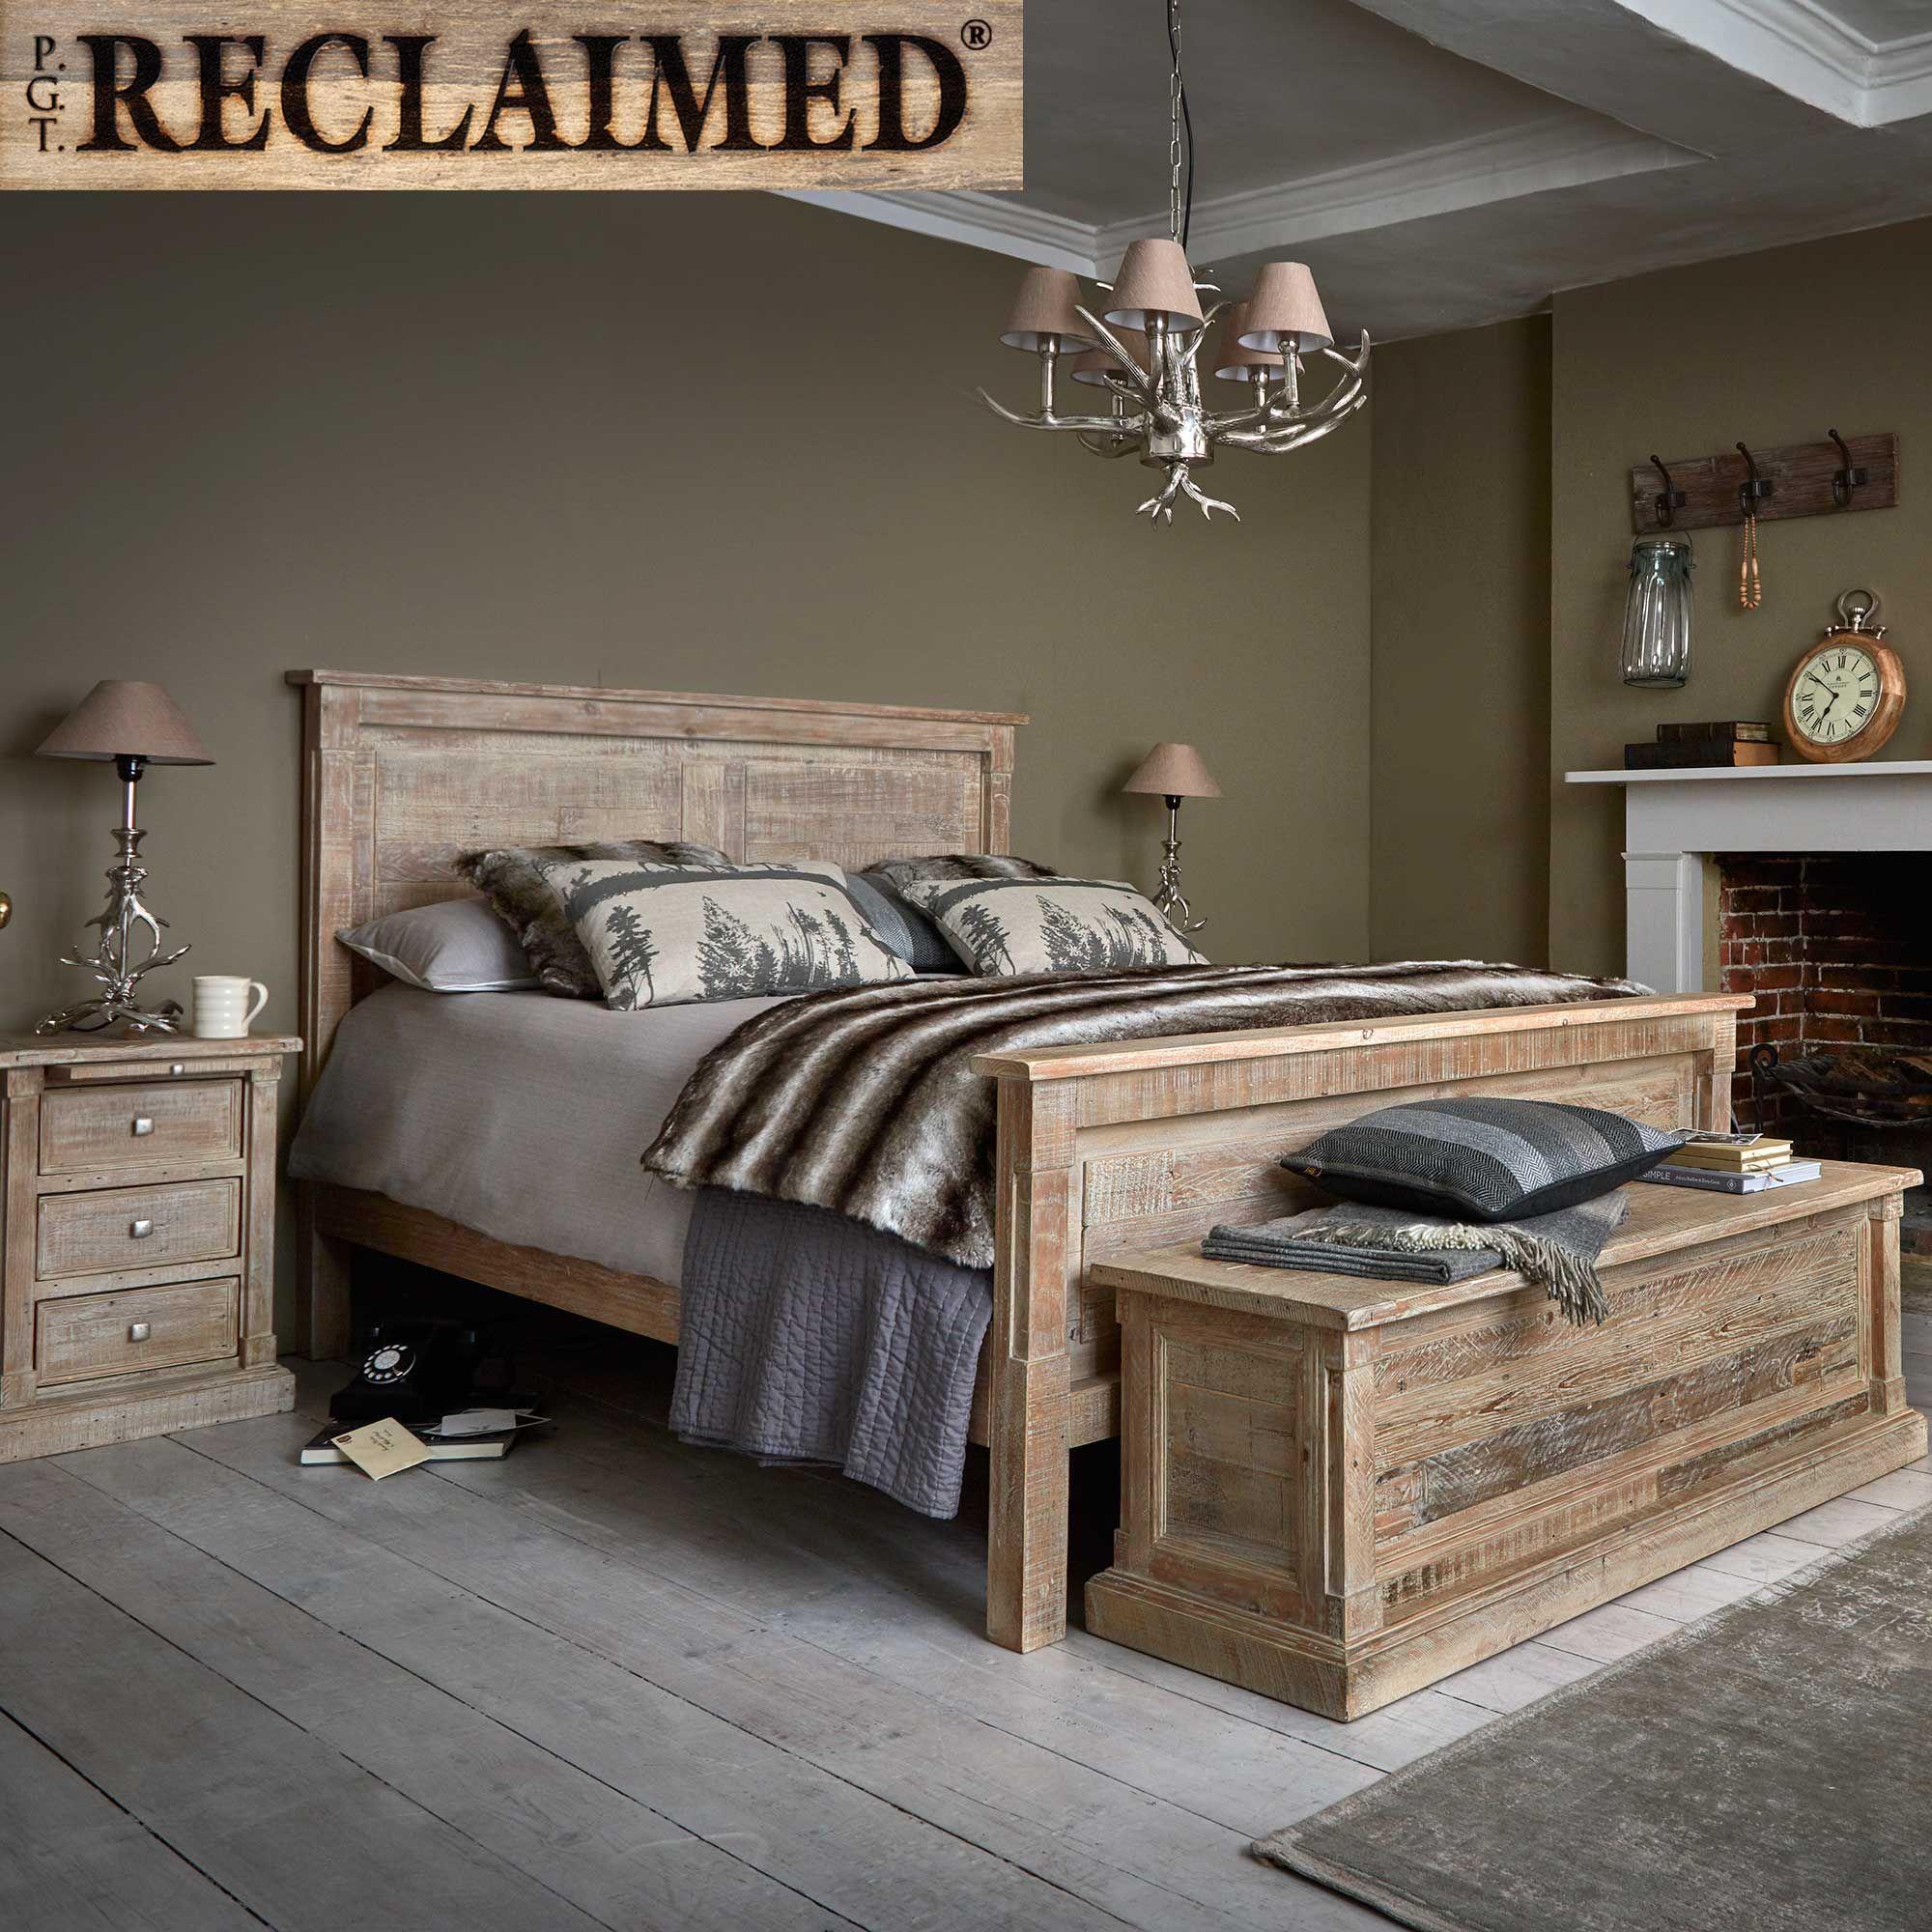 Austen reclaimed wood bedframe white wash bedframes bedroom